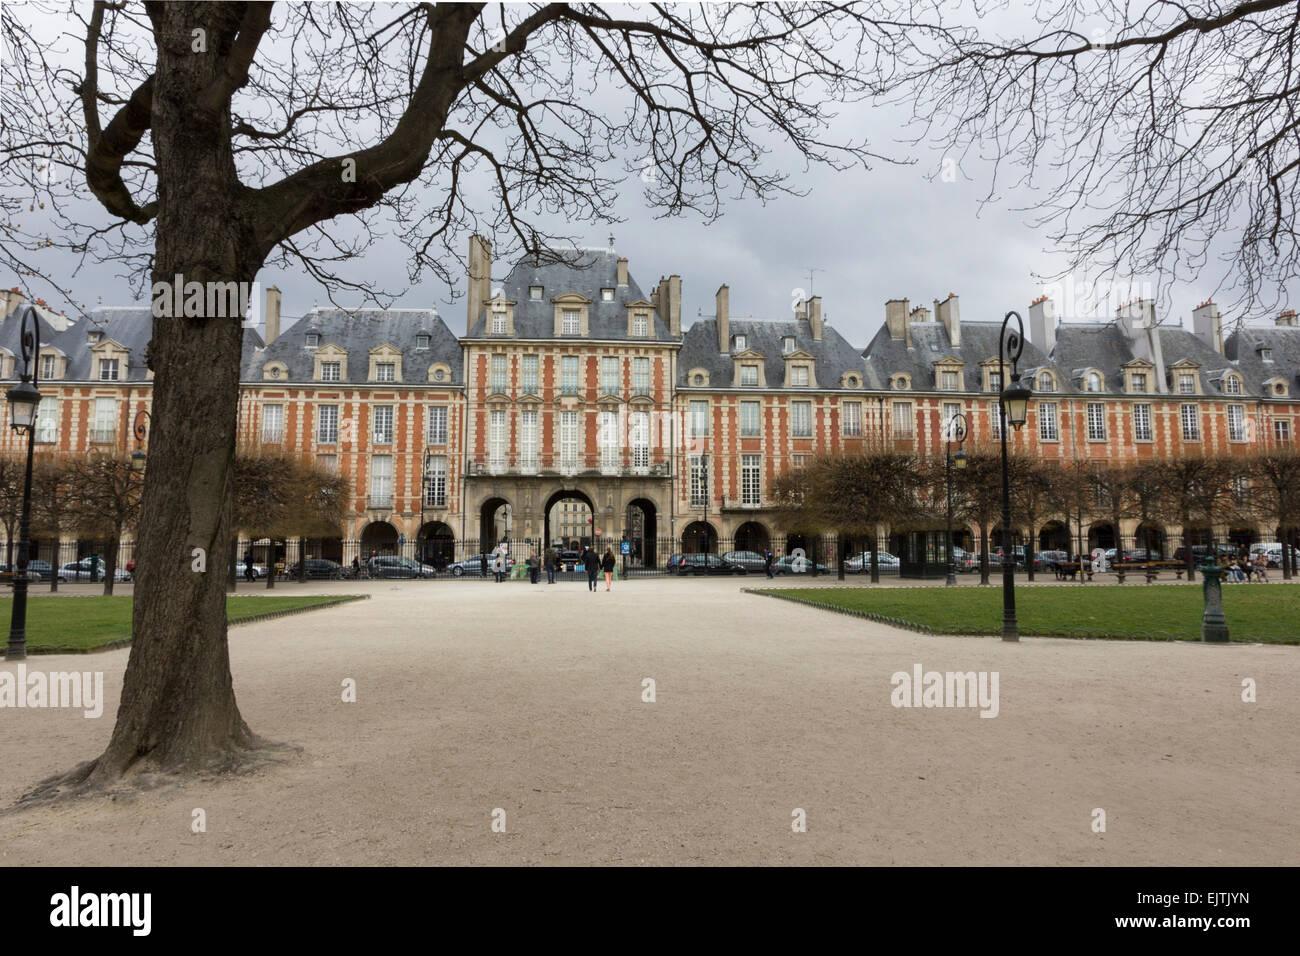 Place des Vosges, Paris - Stock Image